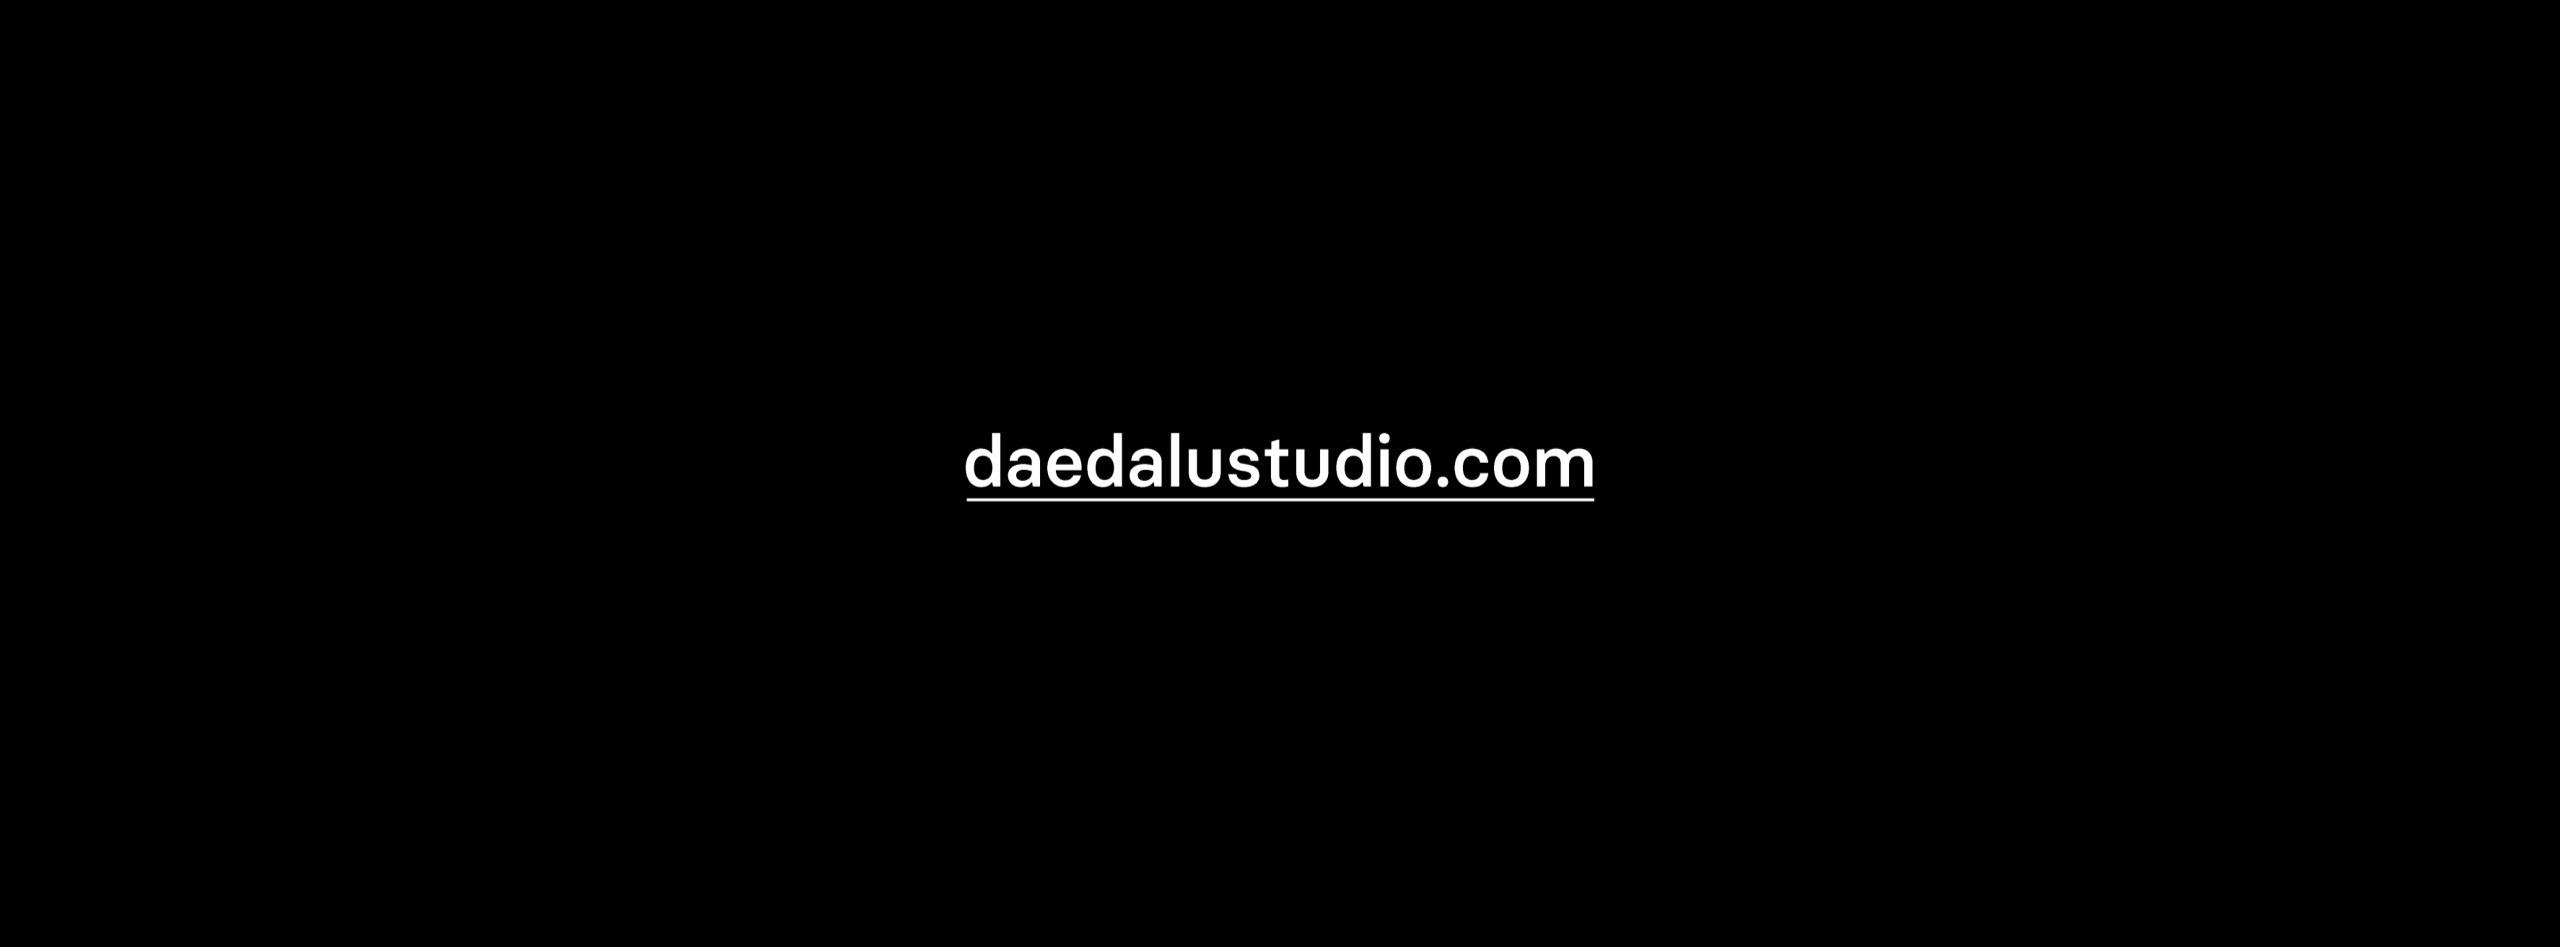 Daedalustu (@daedalustudio) Cover Image